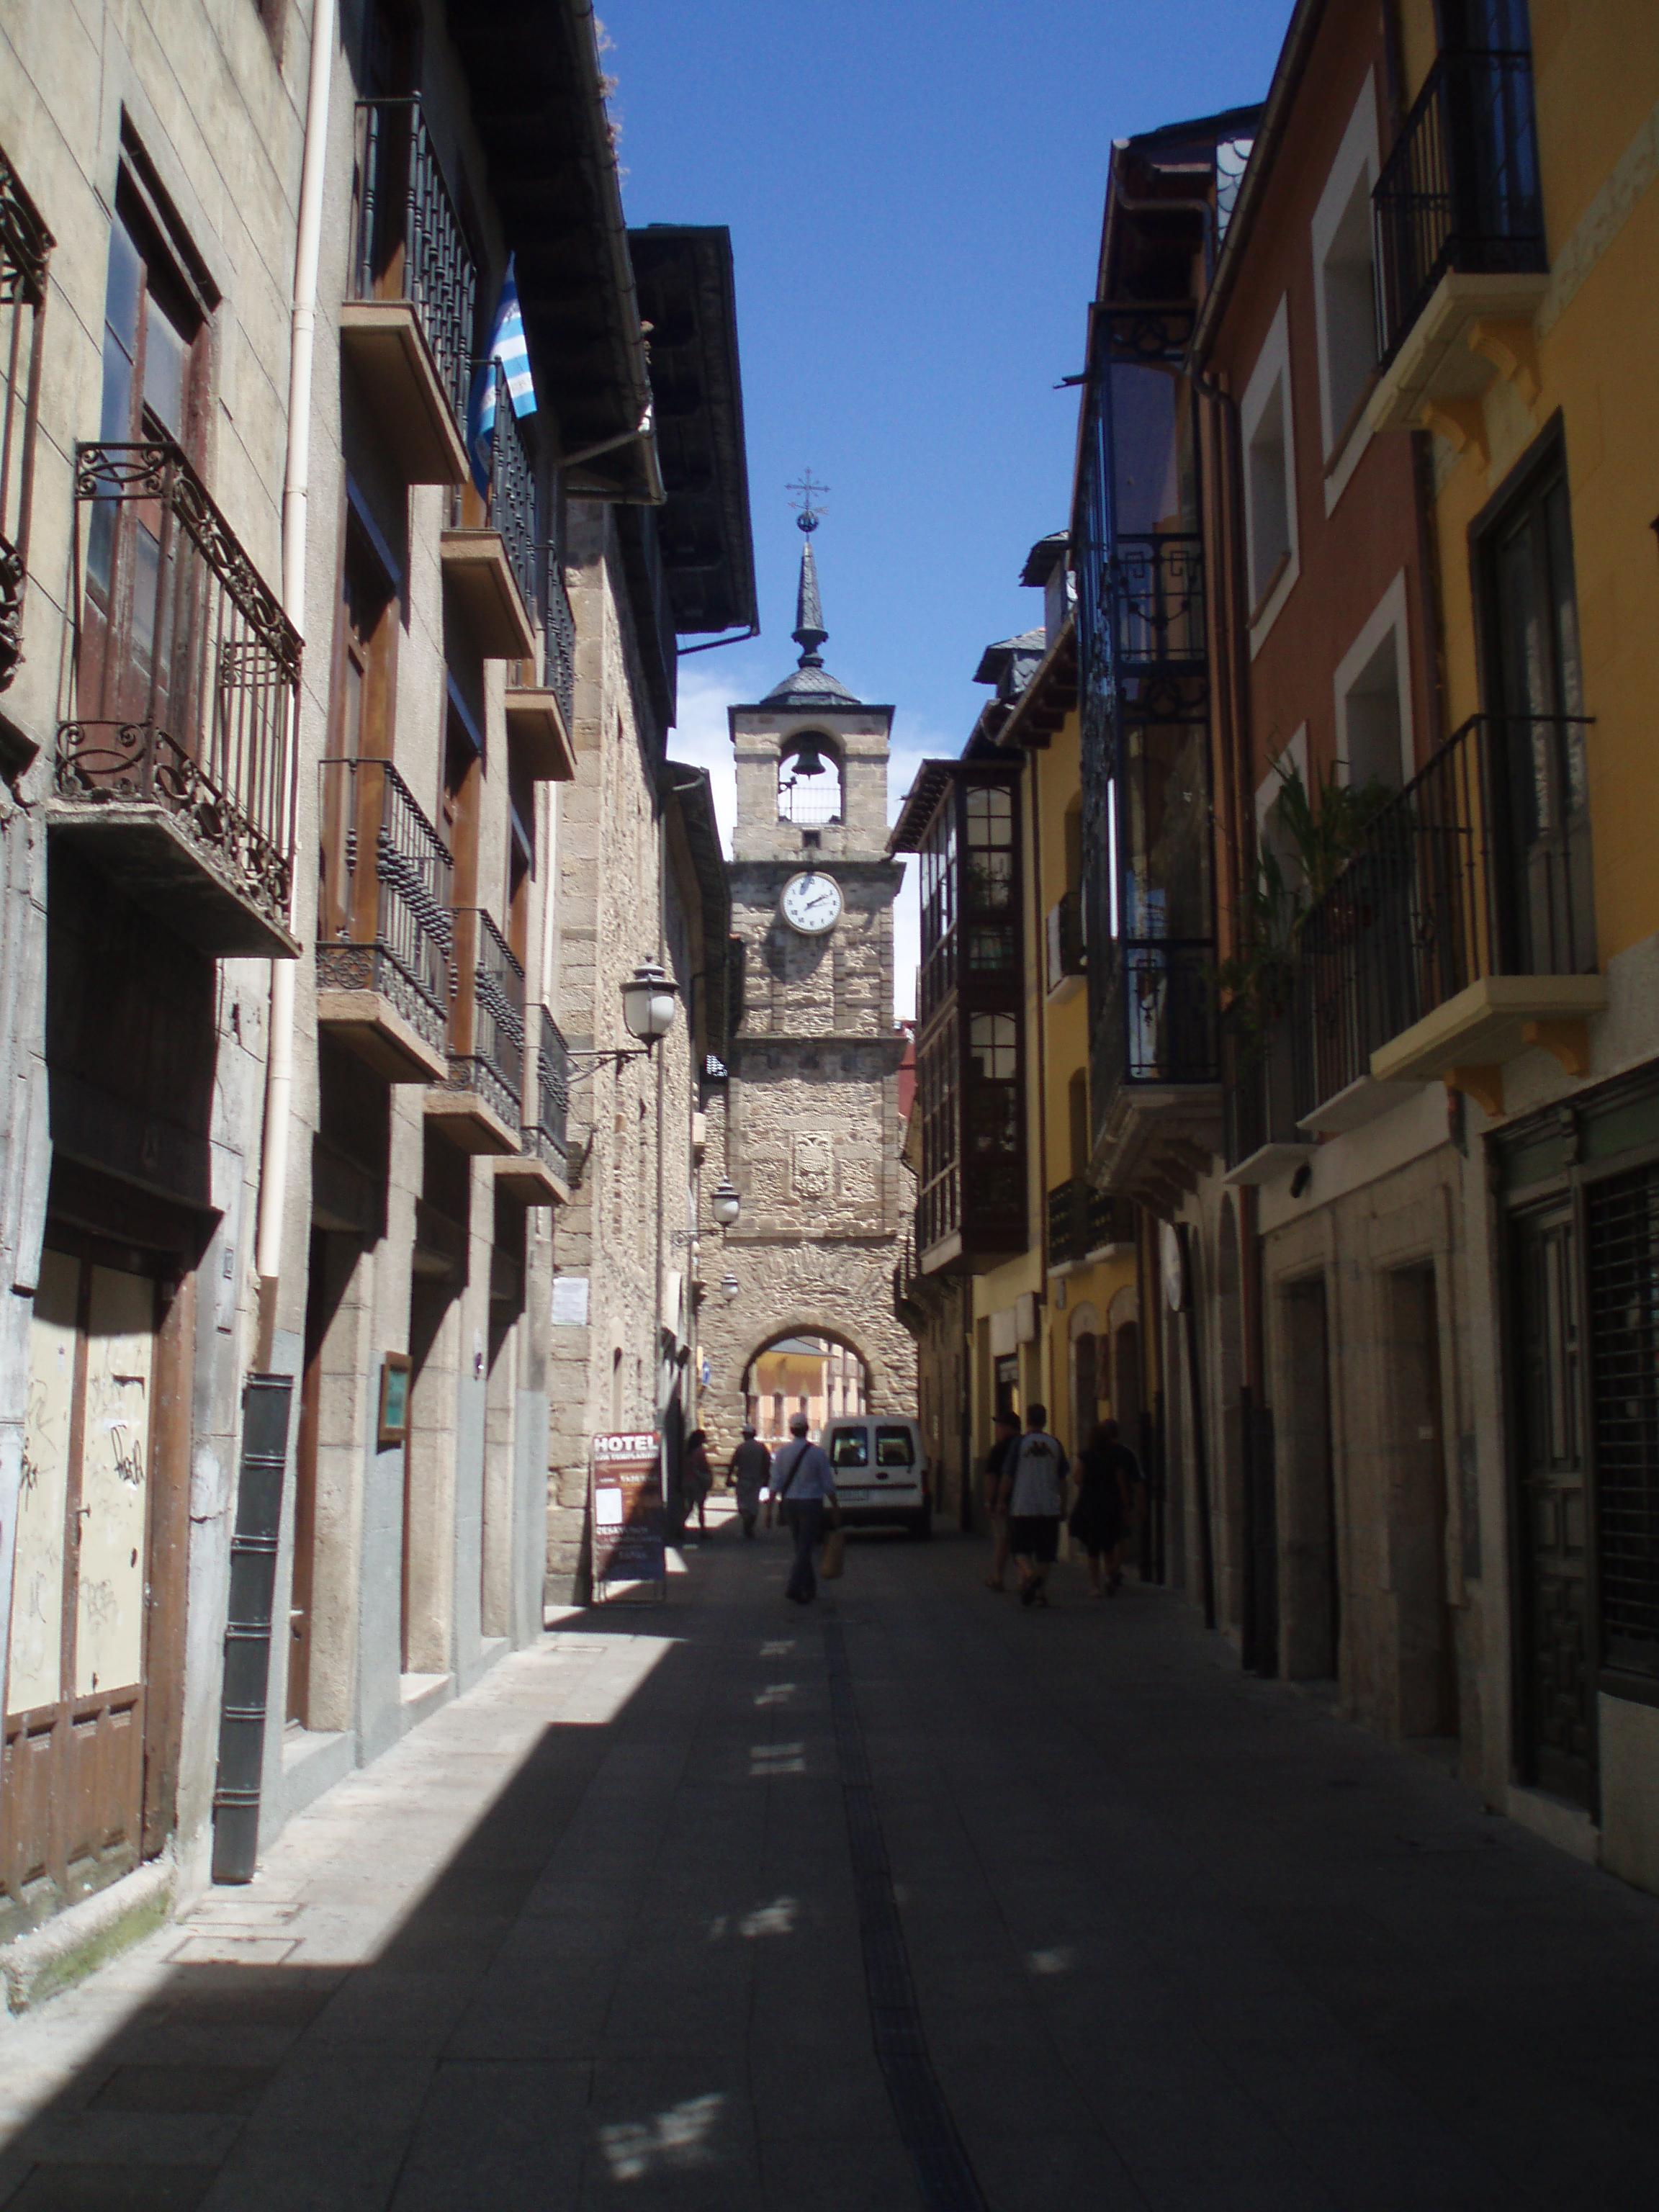 Ponferrada Spain  City pictures : del reloj de Ponferrada. Ponferrada, Spain